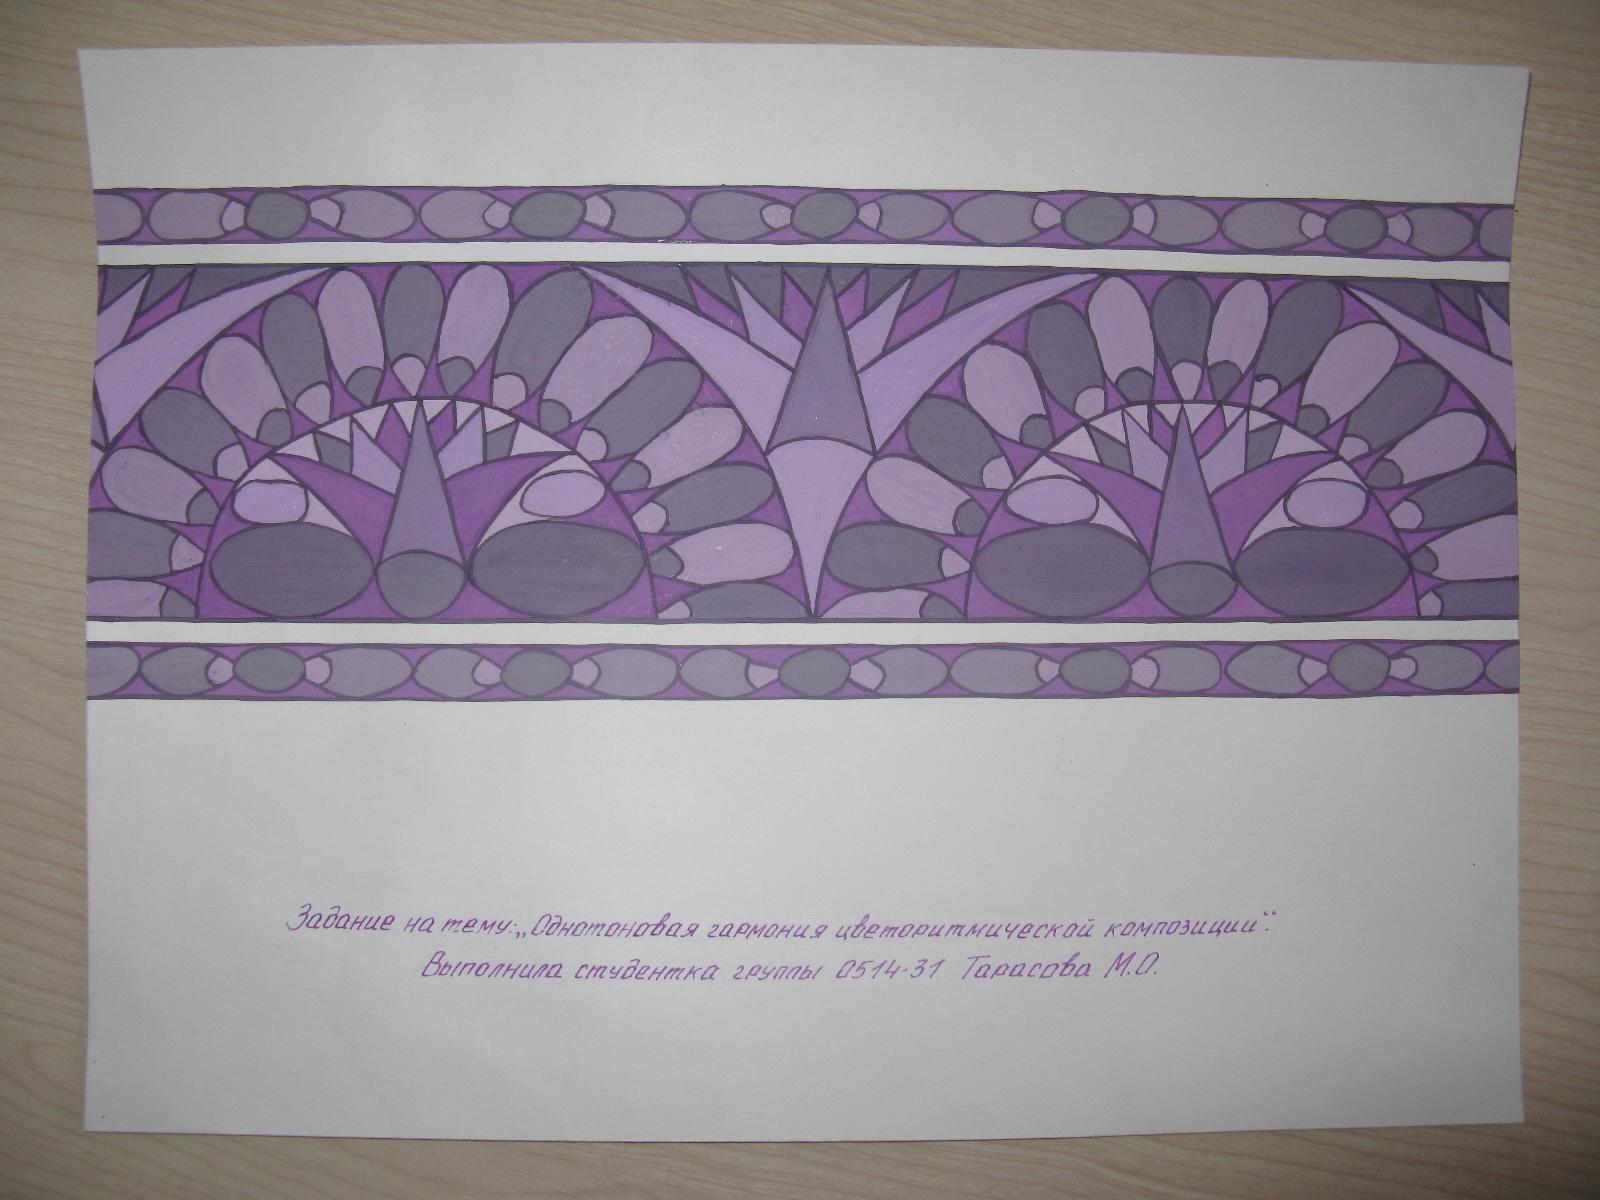 презентация к уроку композиция ритм орнамент раппорт в вышивке п